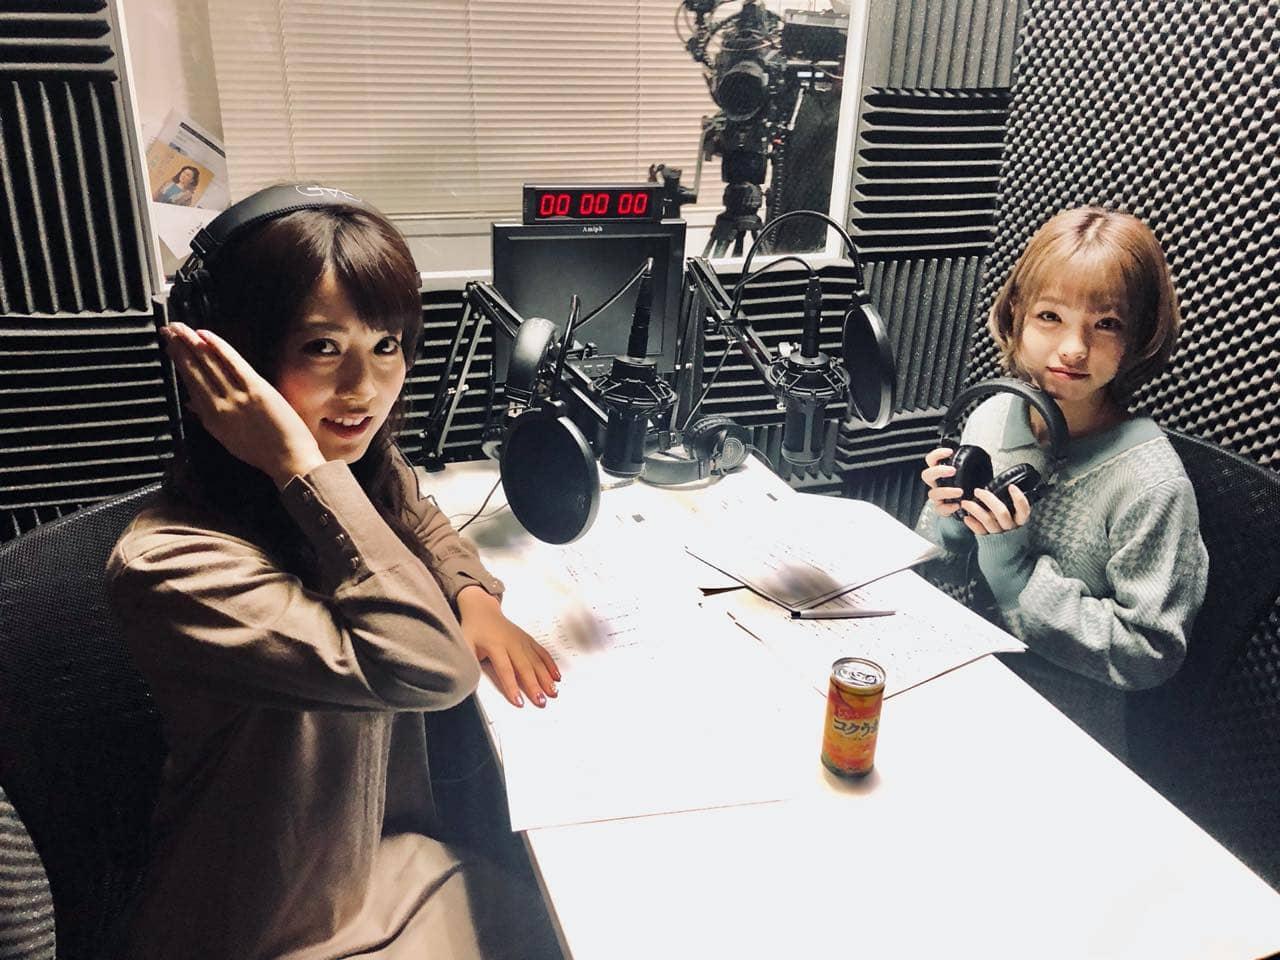 AKB48 チーム8 岡部麟・髙橋彩音出演「そこにあるBU.KI.MI season 2」第5話「ラジオにある」